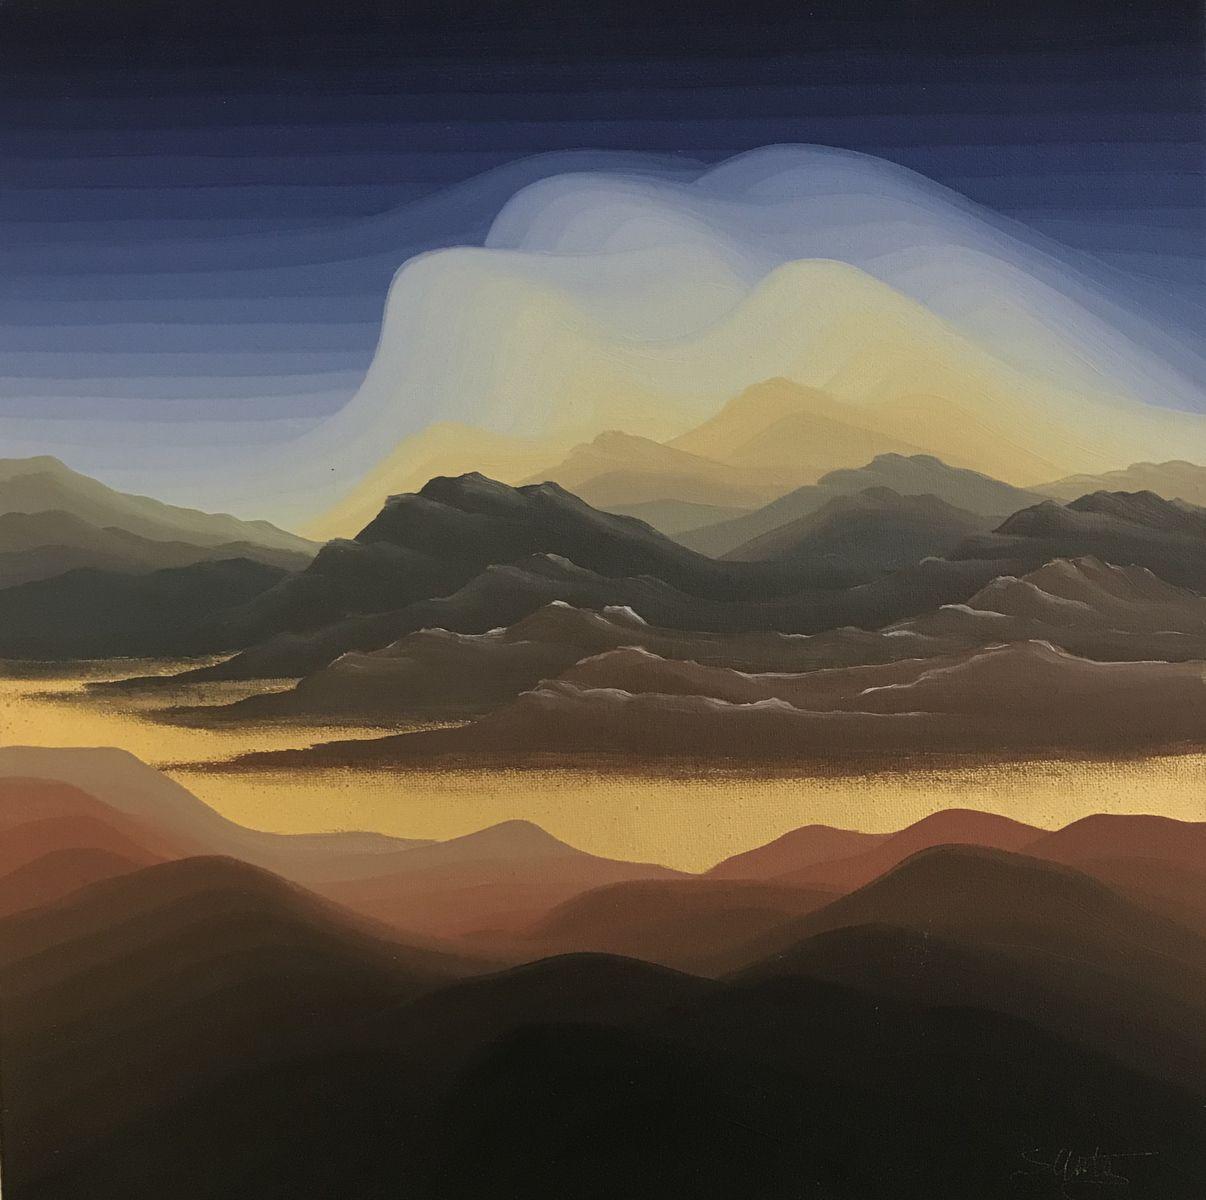 Στρατής Μεντάκης 30×30 εκ. Λάδια σε καμβά Stratis Mentakis 30×30 cm Oils on canvas (2)